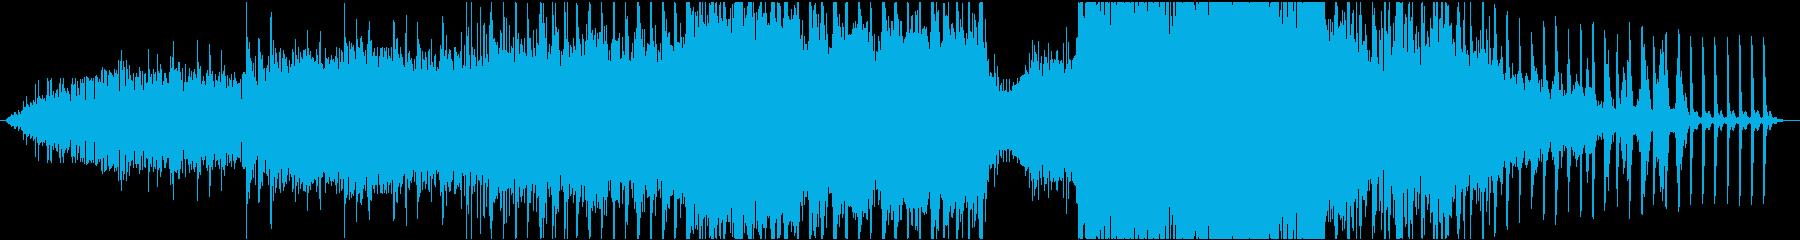 勢いと音の強弱が特徴的なメロディーの再生済みの波形